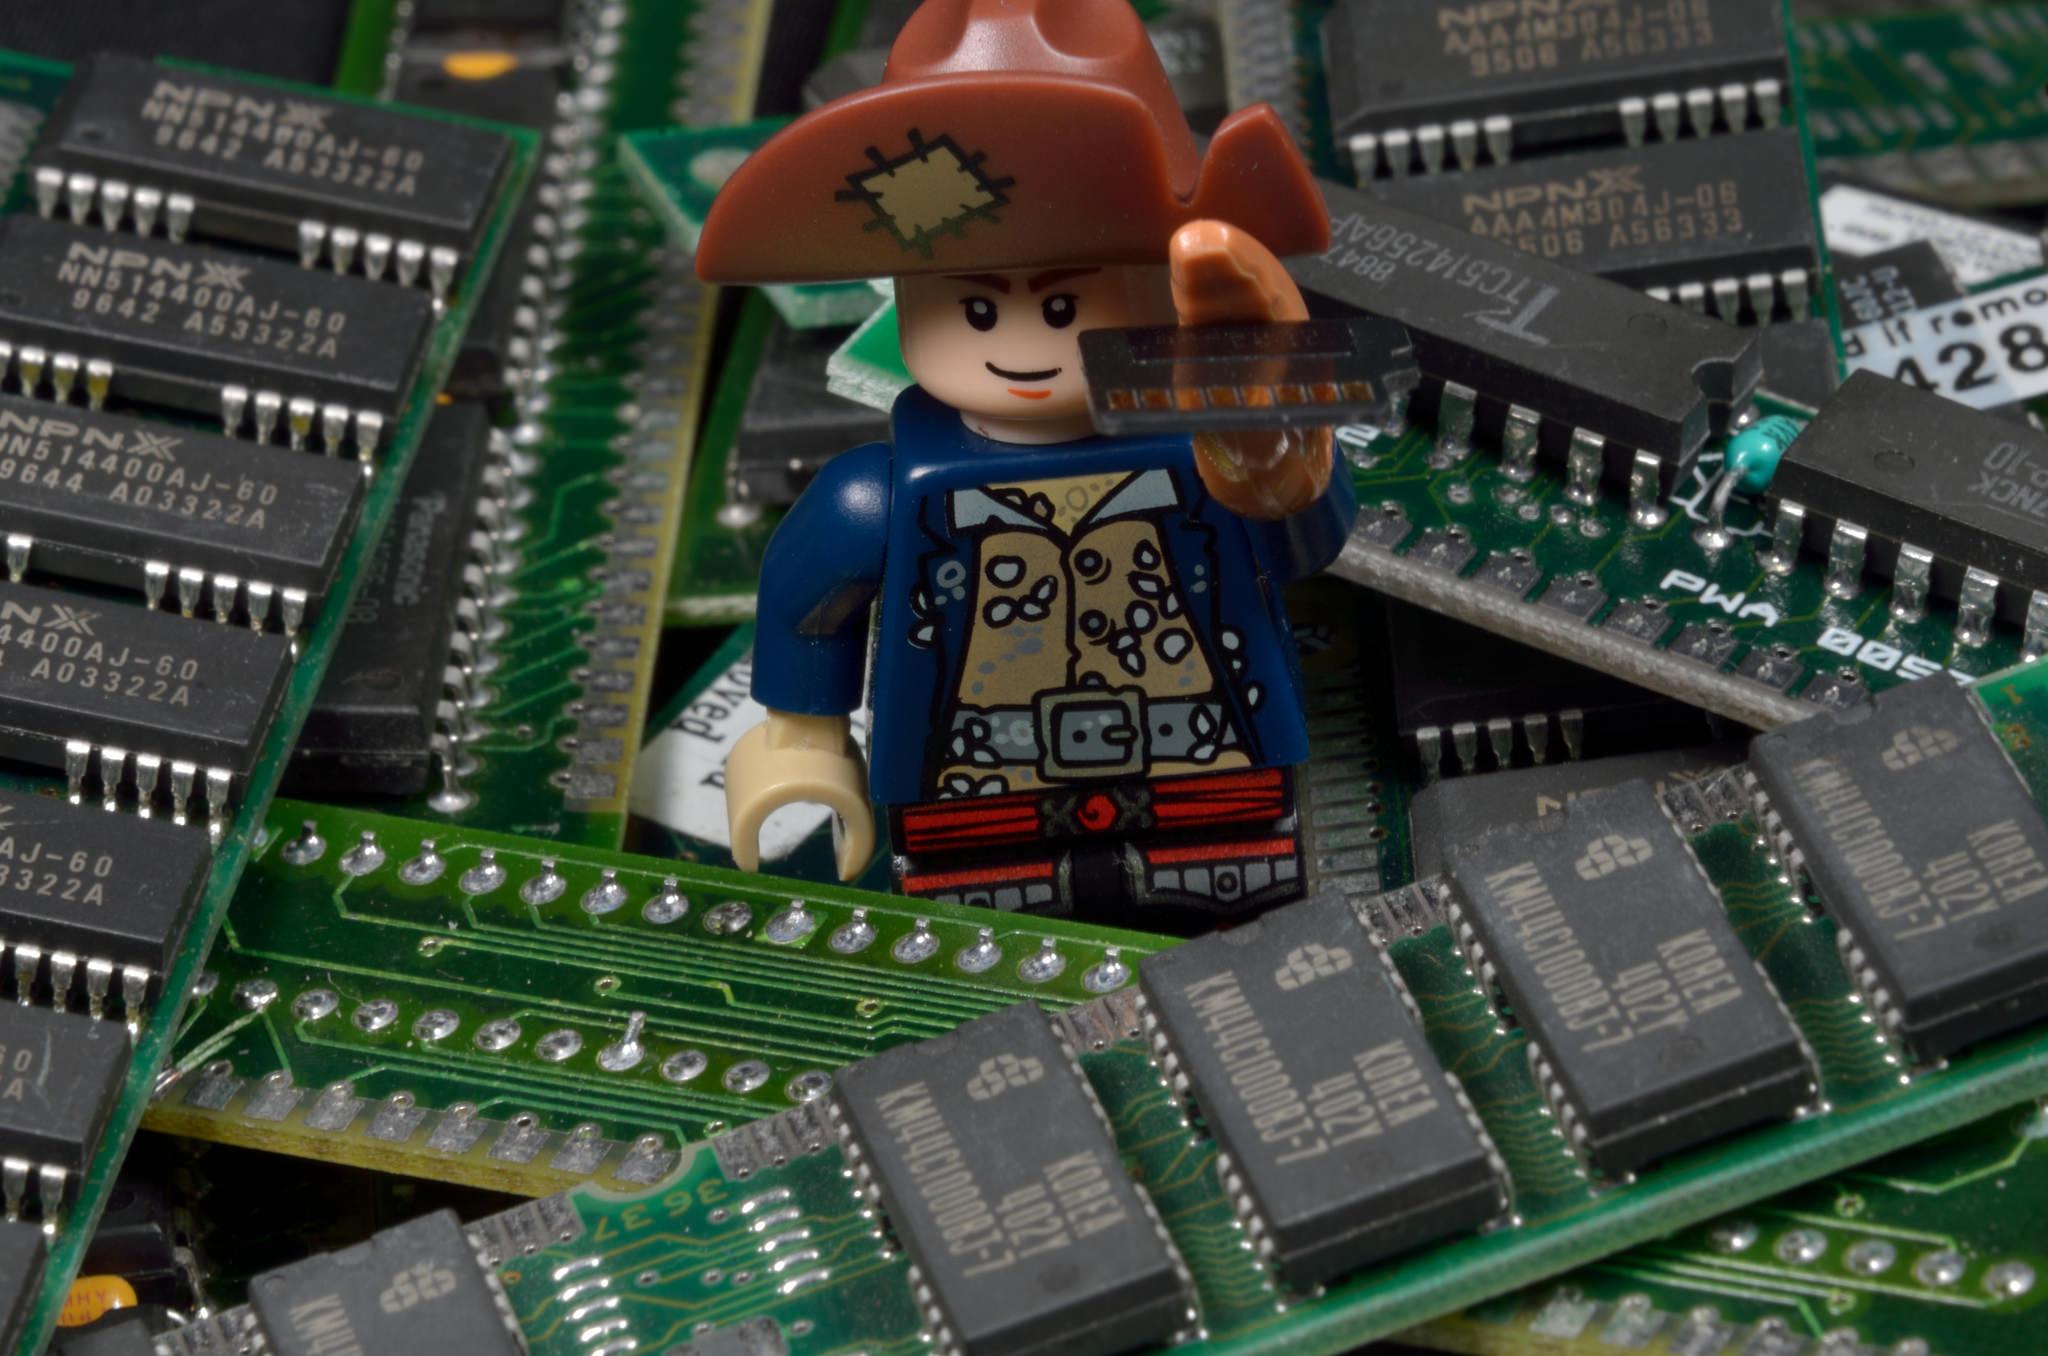 La nueva red social de LEGO es perfecta para que los niños se inicien en Internet